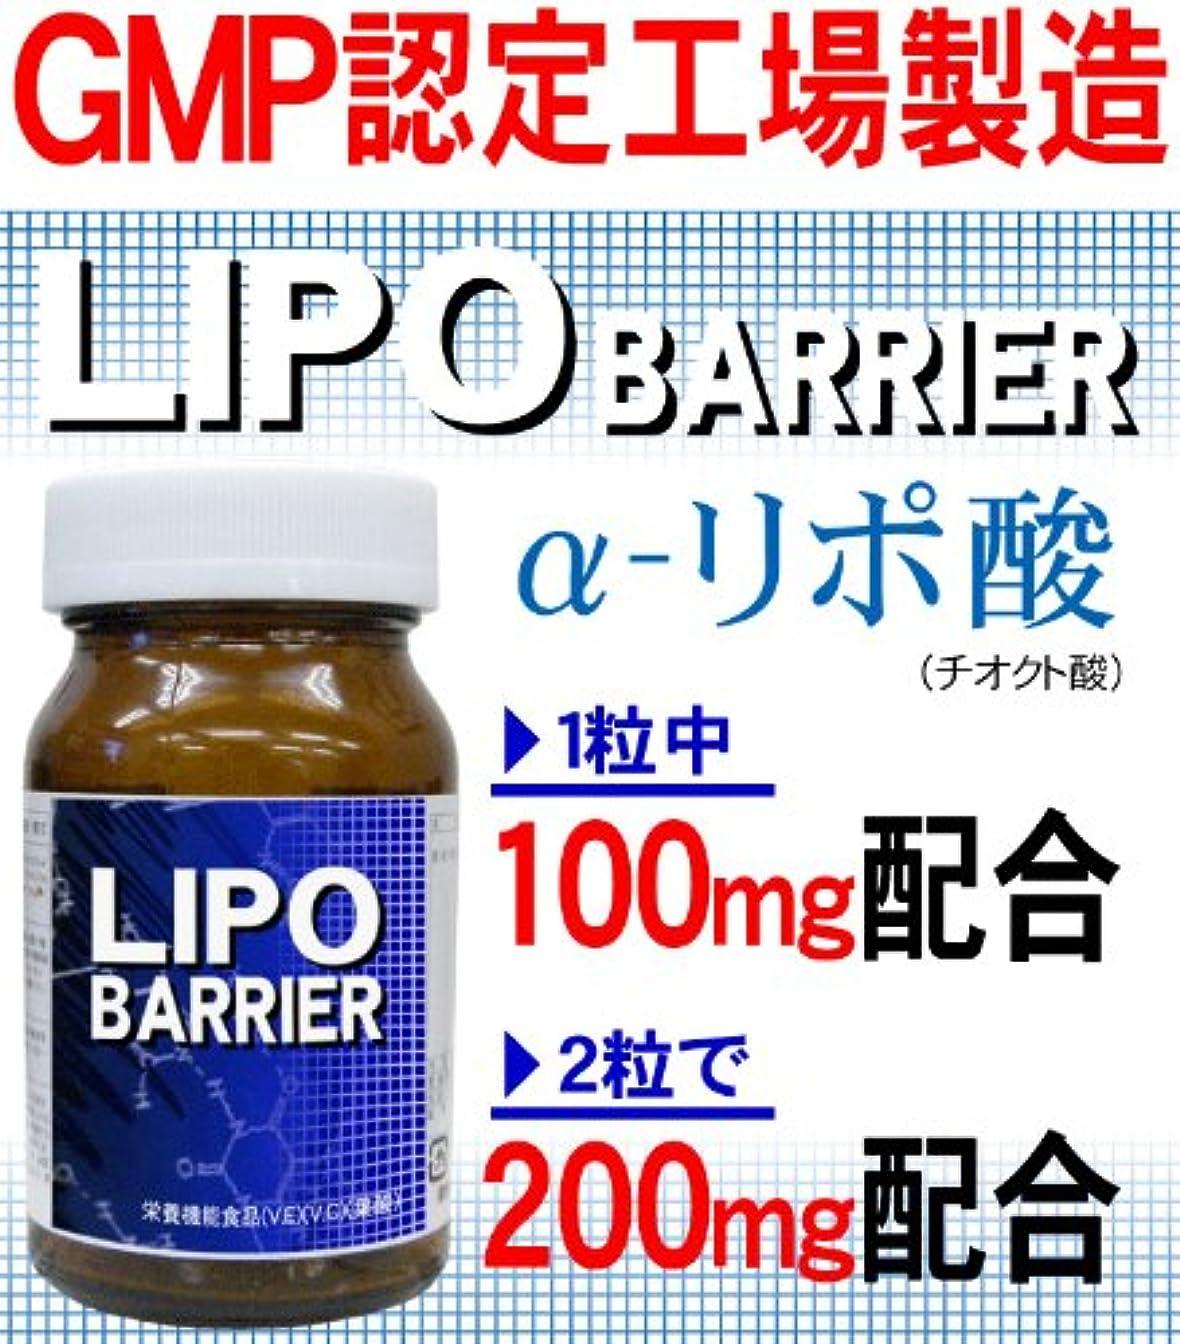 枠売り手下にリポバリア (α-リポ酸、ビタミンE、葉酸配合サプリメント)